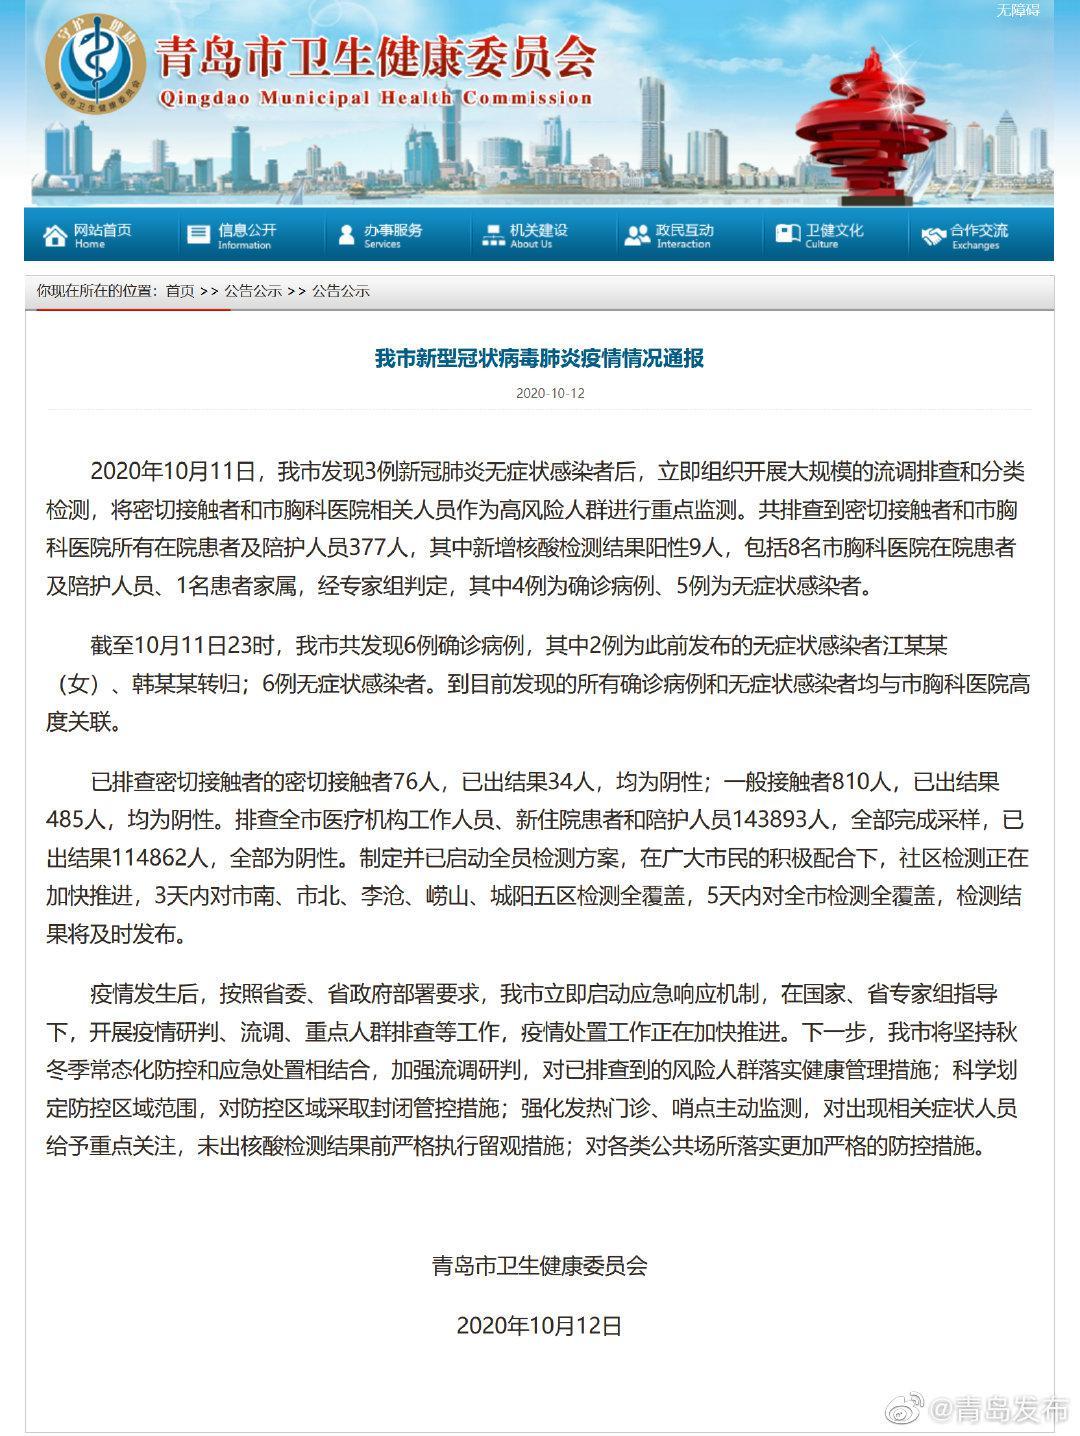 青岛新型冠状病毒肺炎疫情情况通报图片